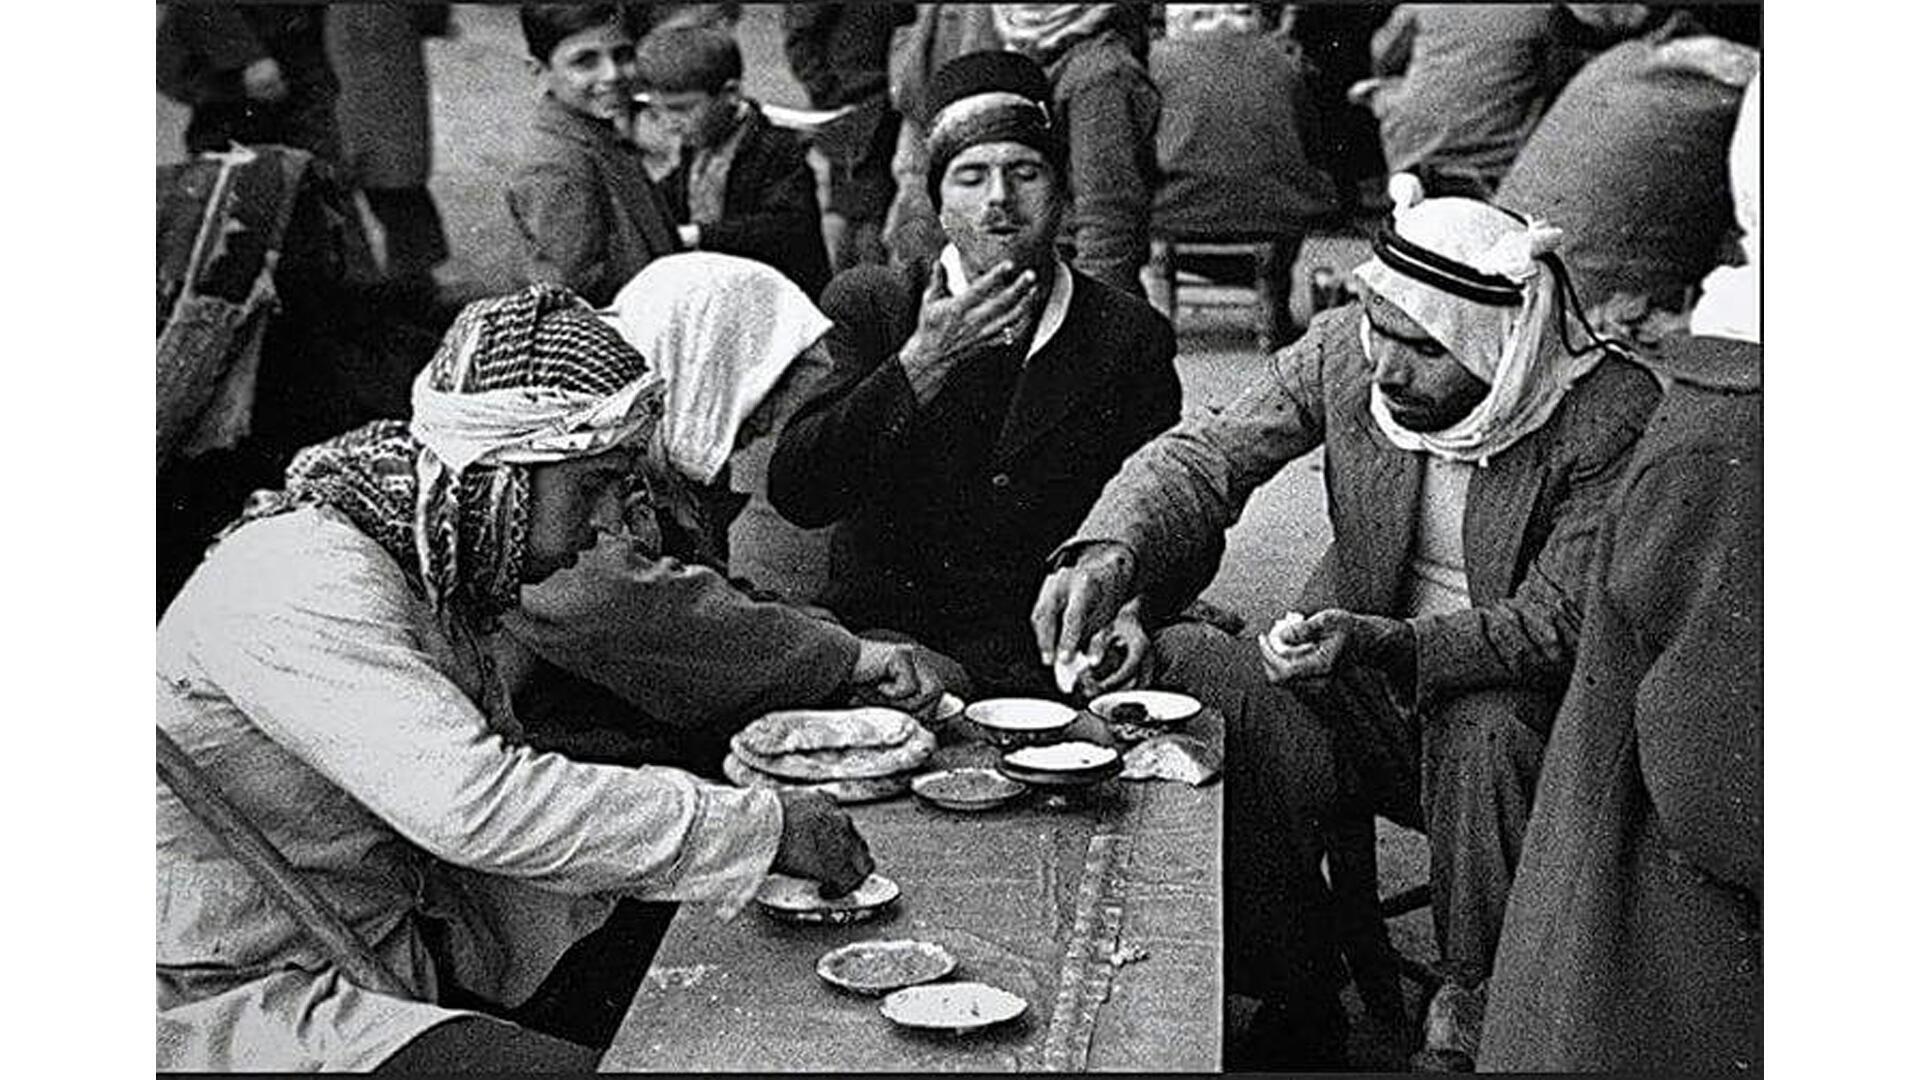 Repas - en noir et blanc - Jérusalem Palestine 1937 - Académie de cuisine du monde arabe - Le goût du monde 22 mai 2021